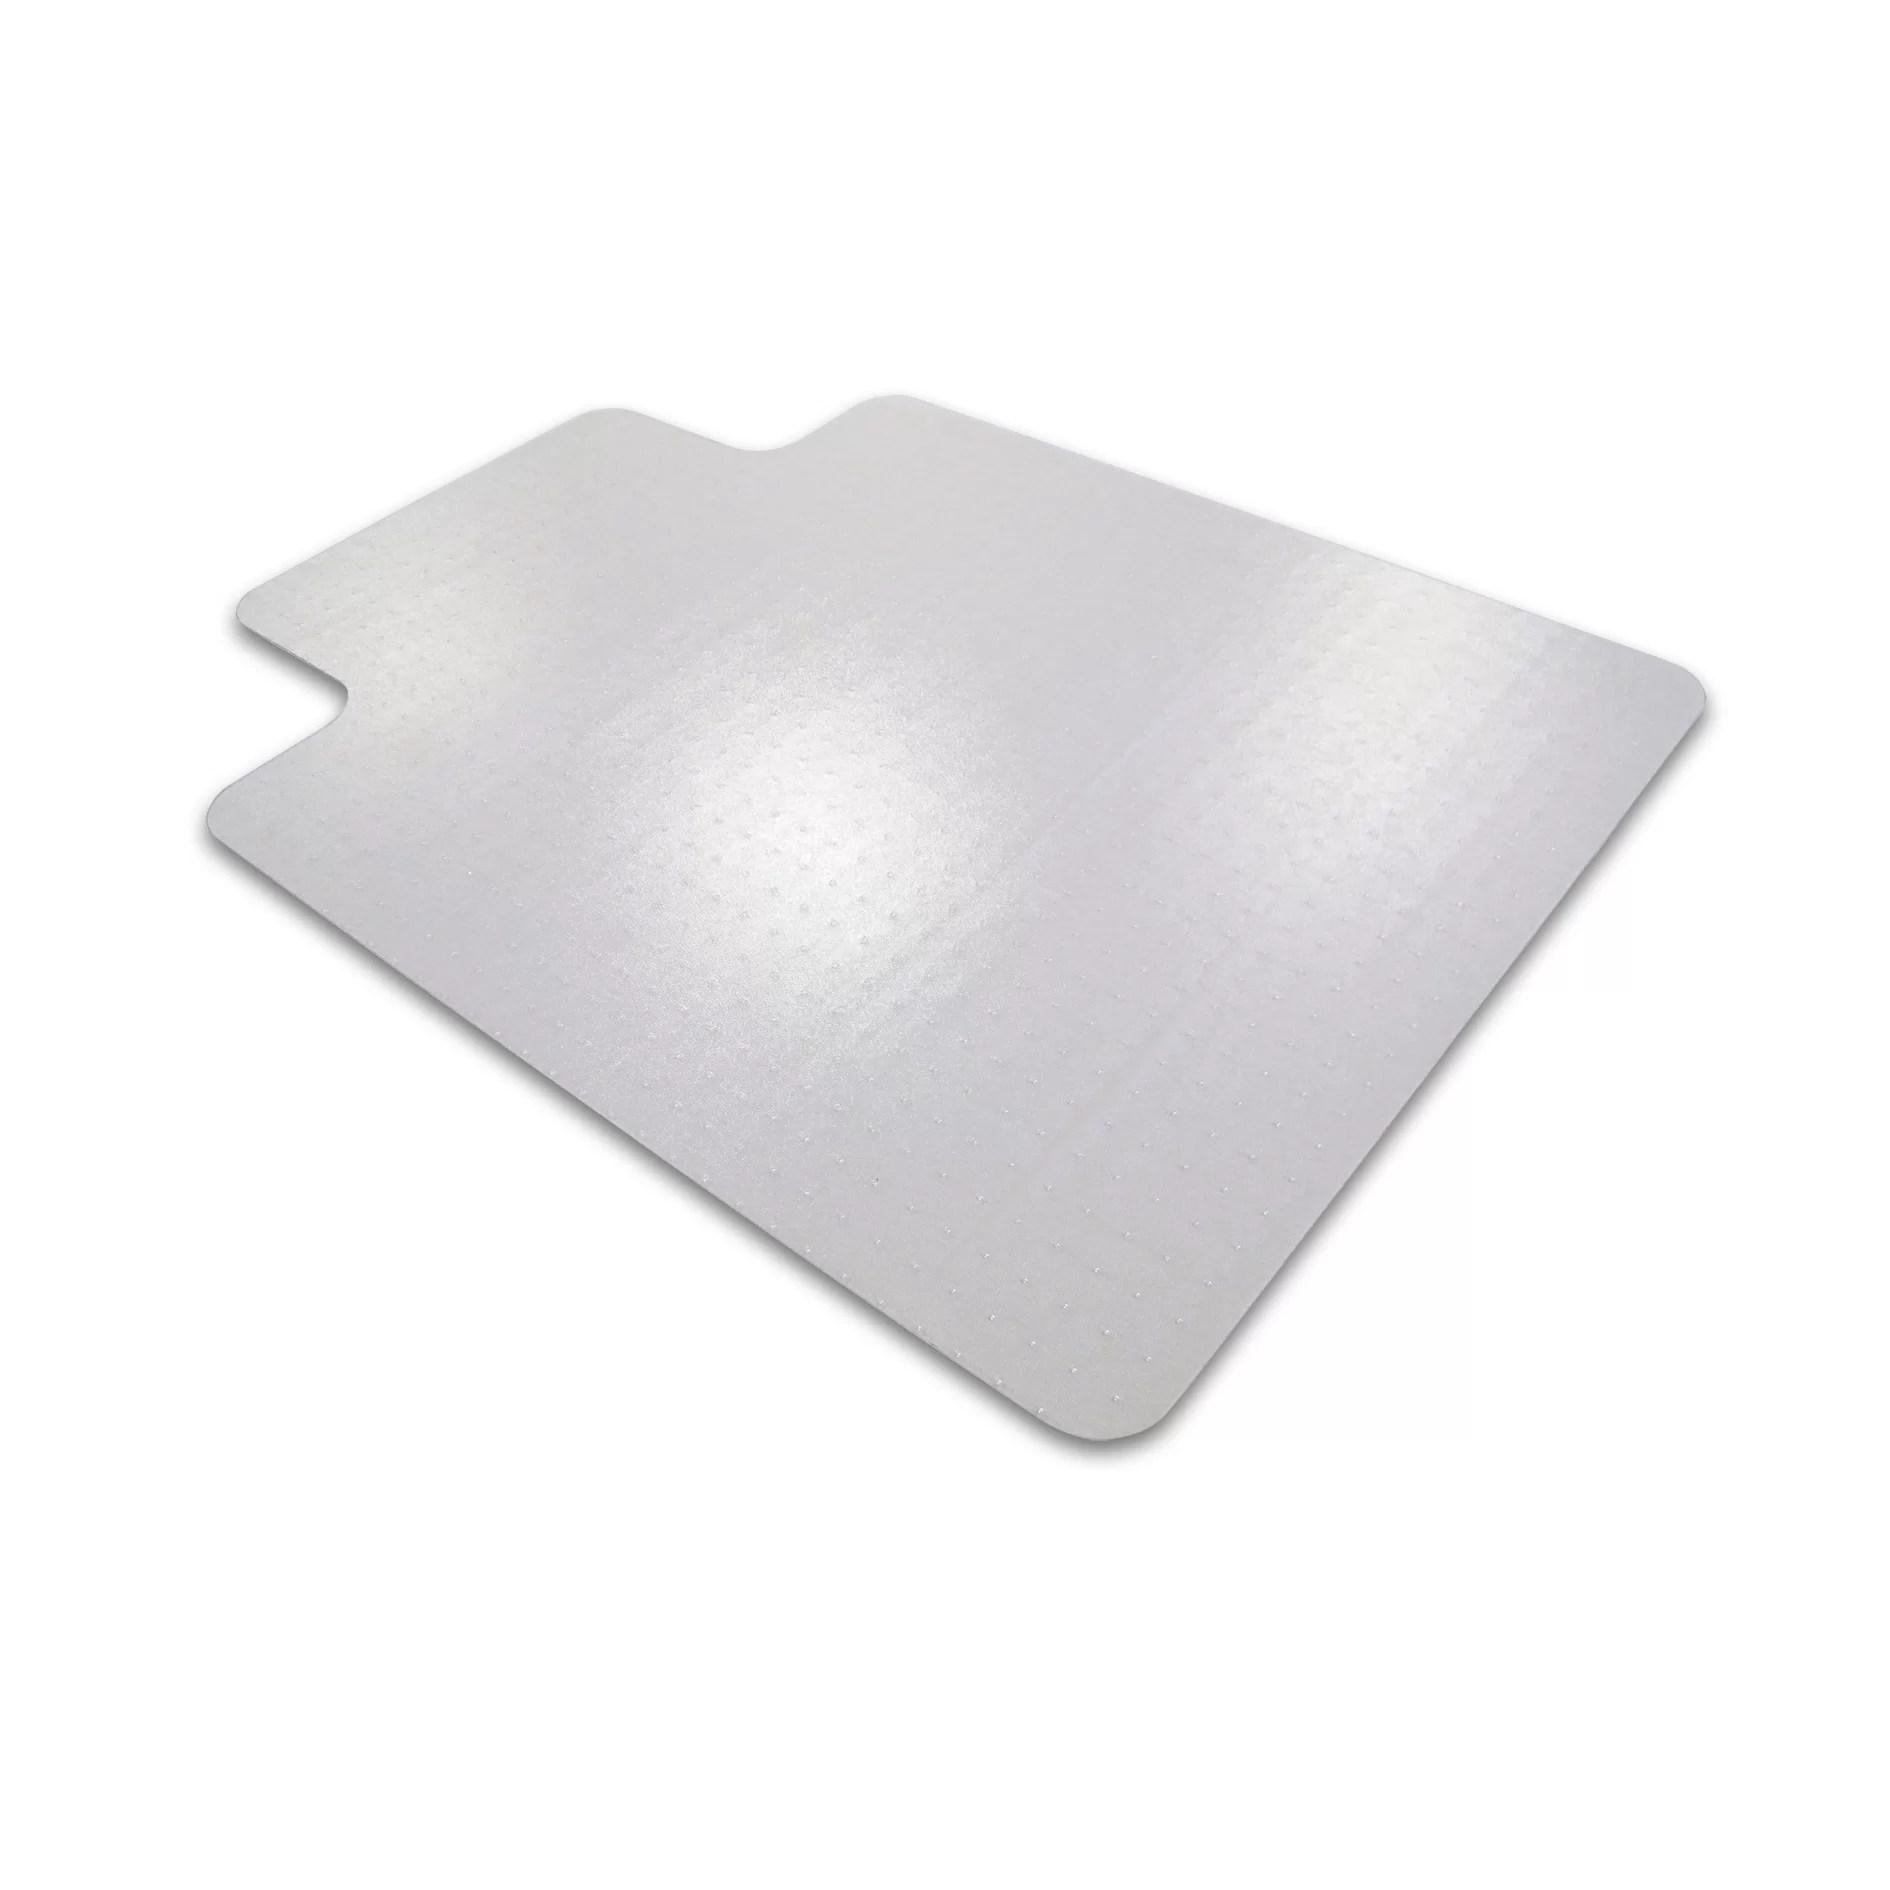 floortex chair mat covers for sale melbourne cleartex advantagemat standard pile carpet